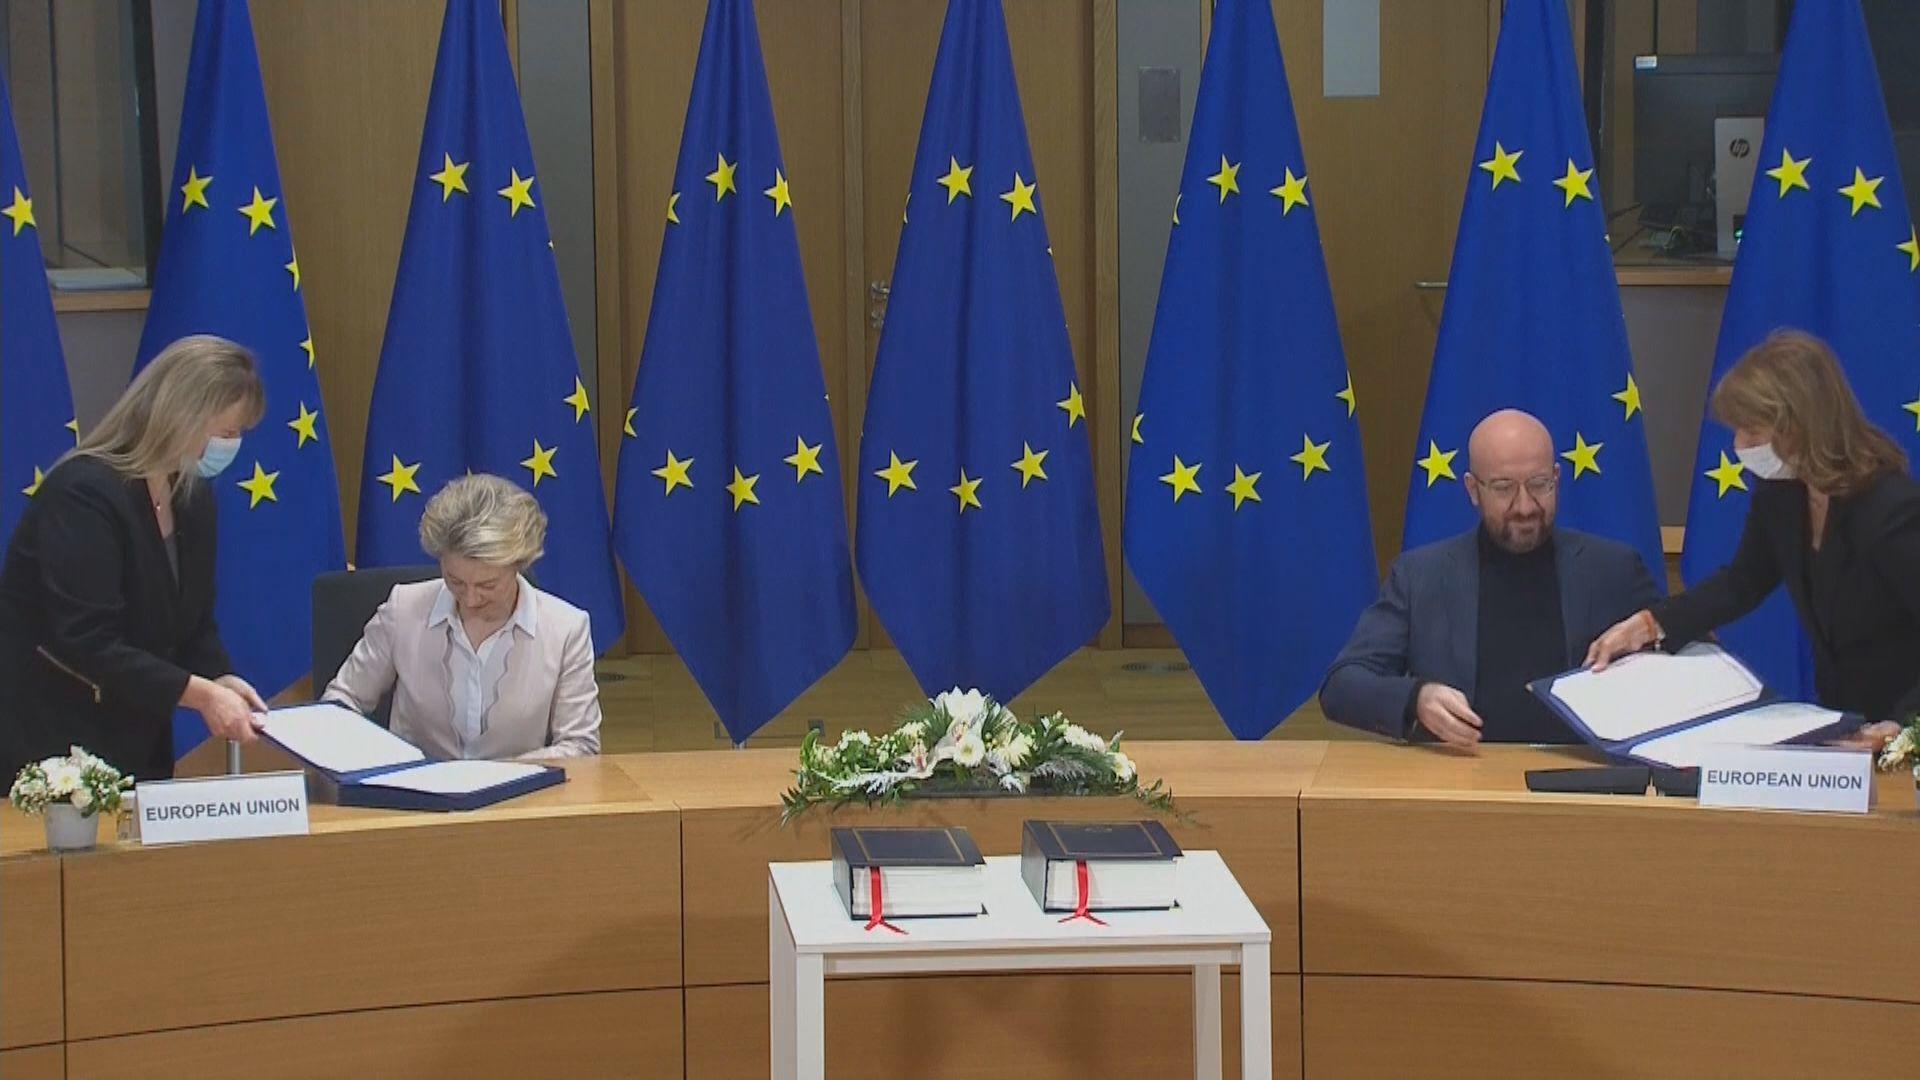 歐盟領袖簽署英歐貿易及合作協議